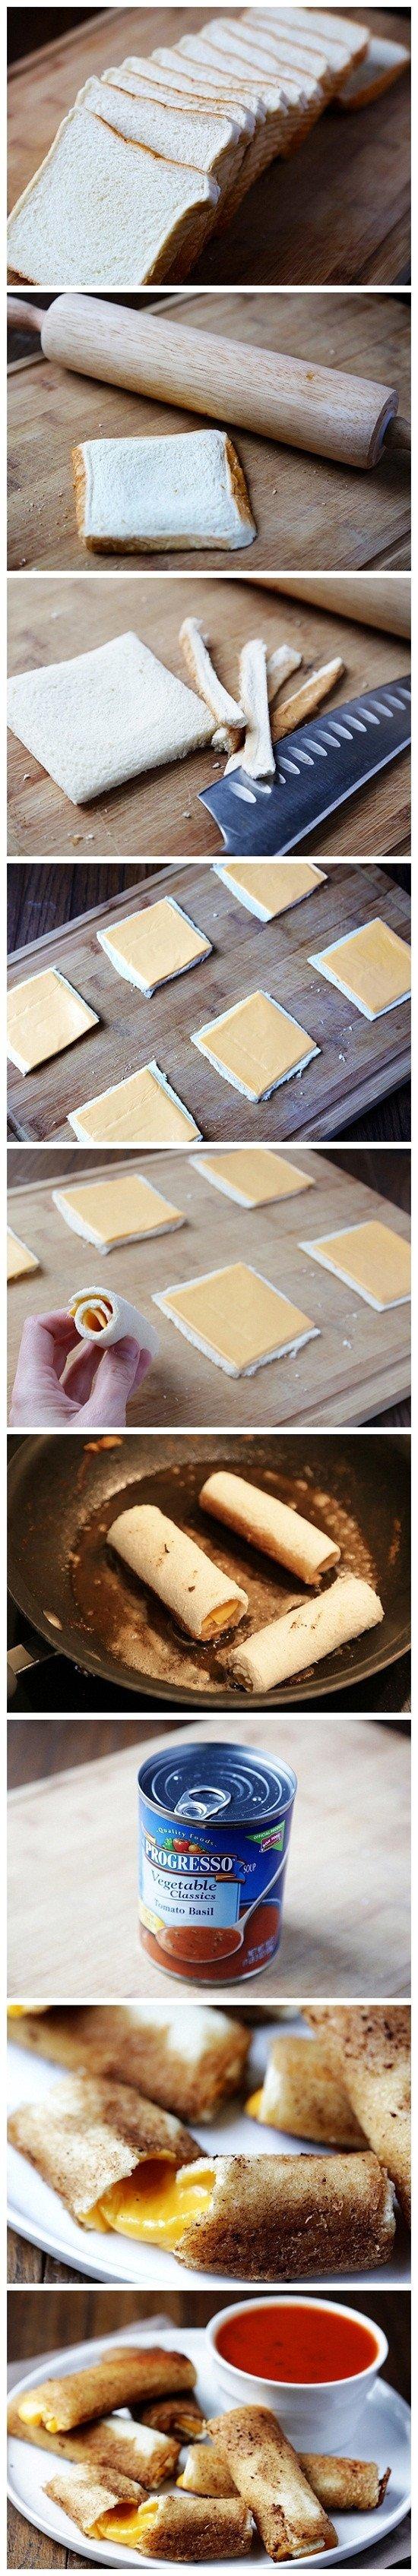 käse-röllchen.jpg